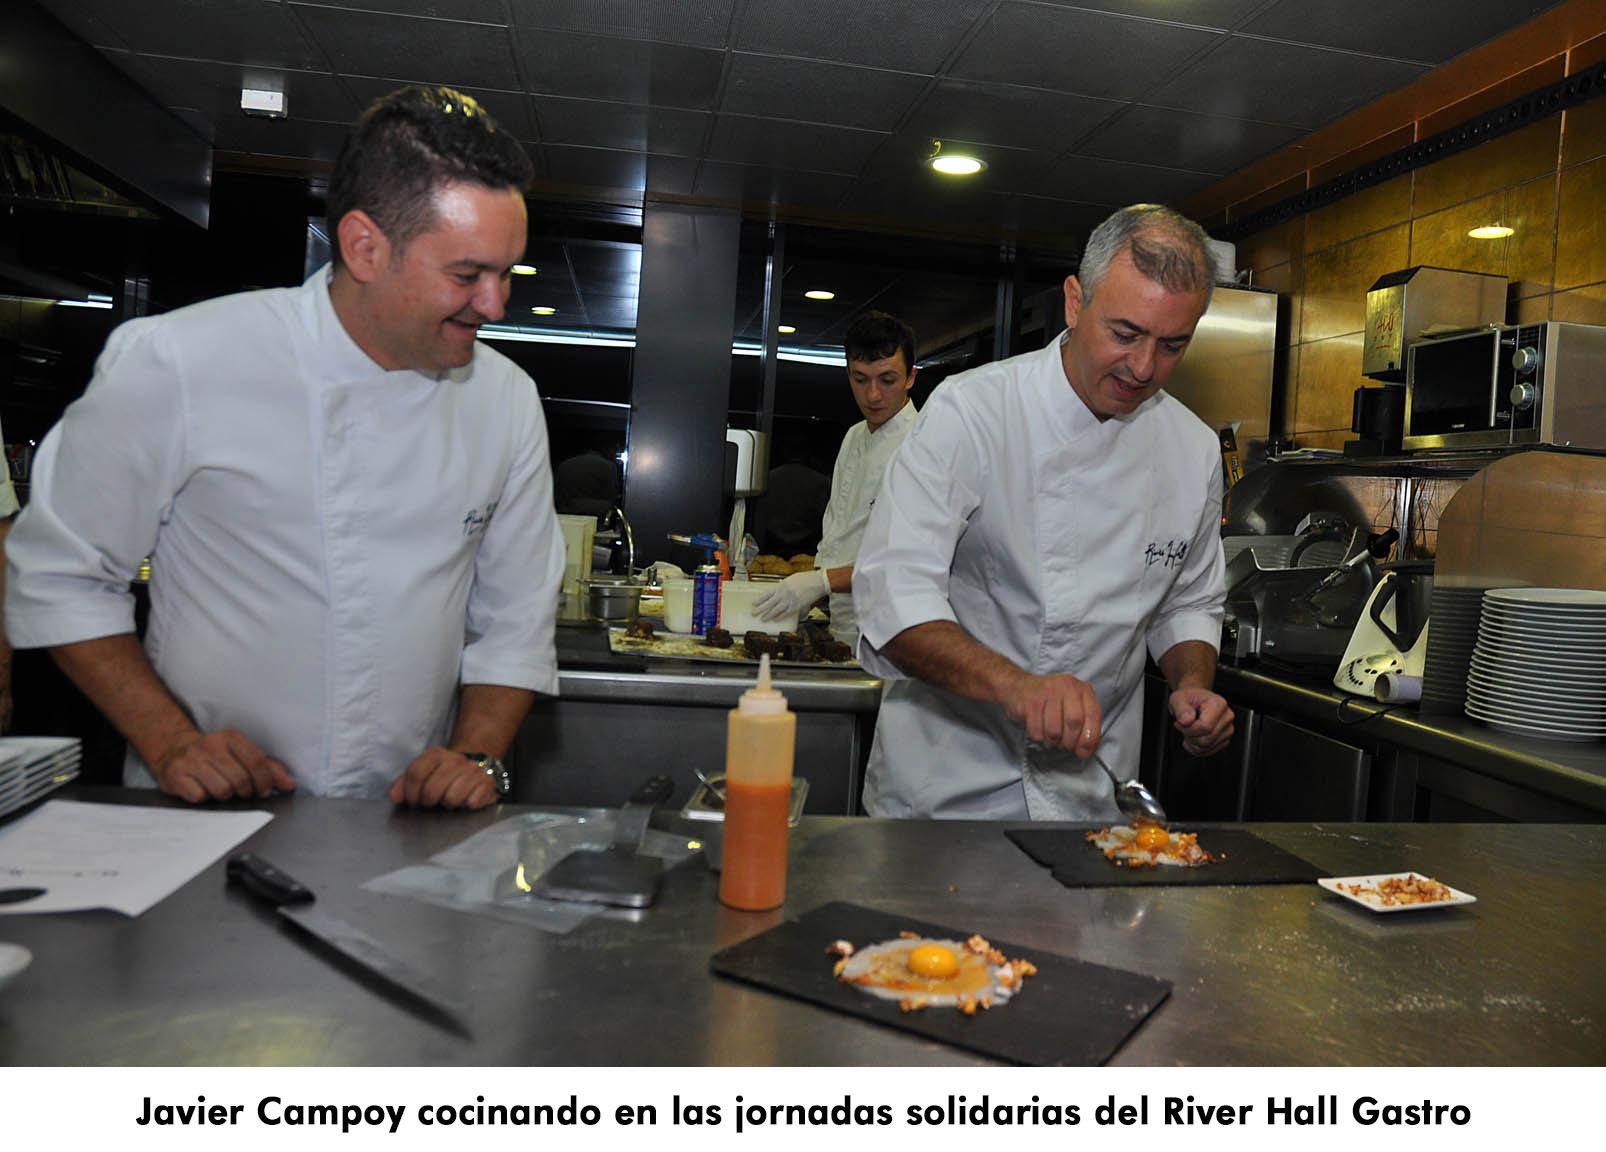 15. Javier en River Hall Gastro